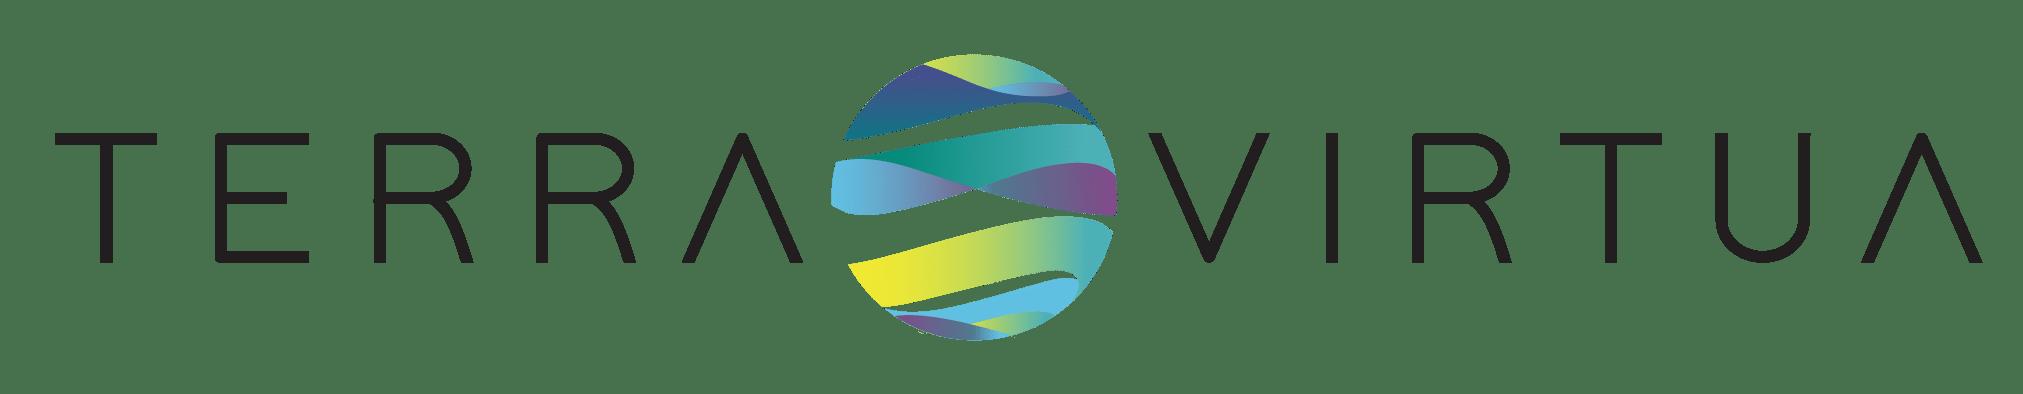 Terra Virtua Logo